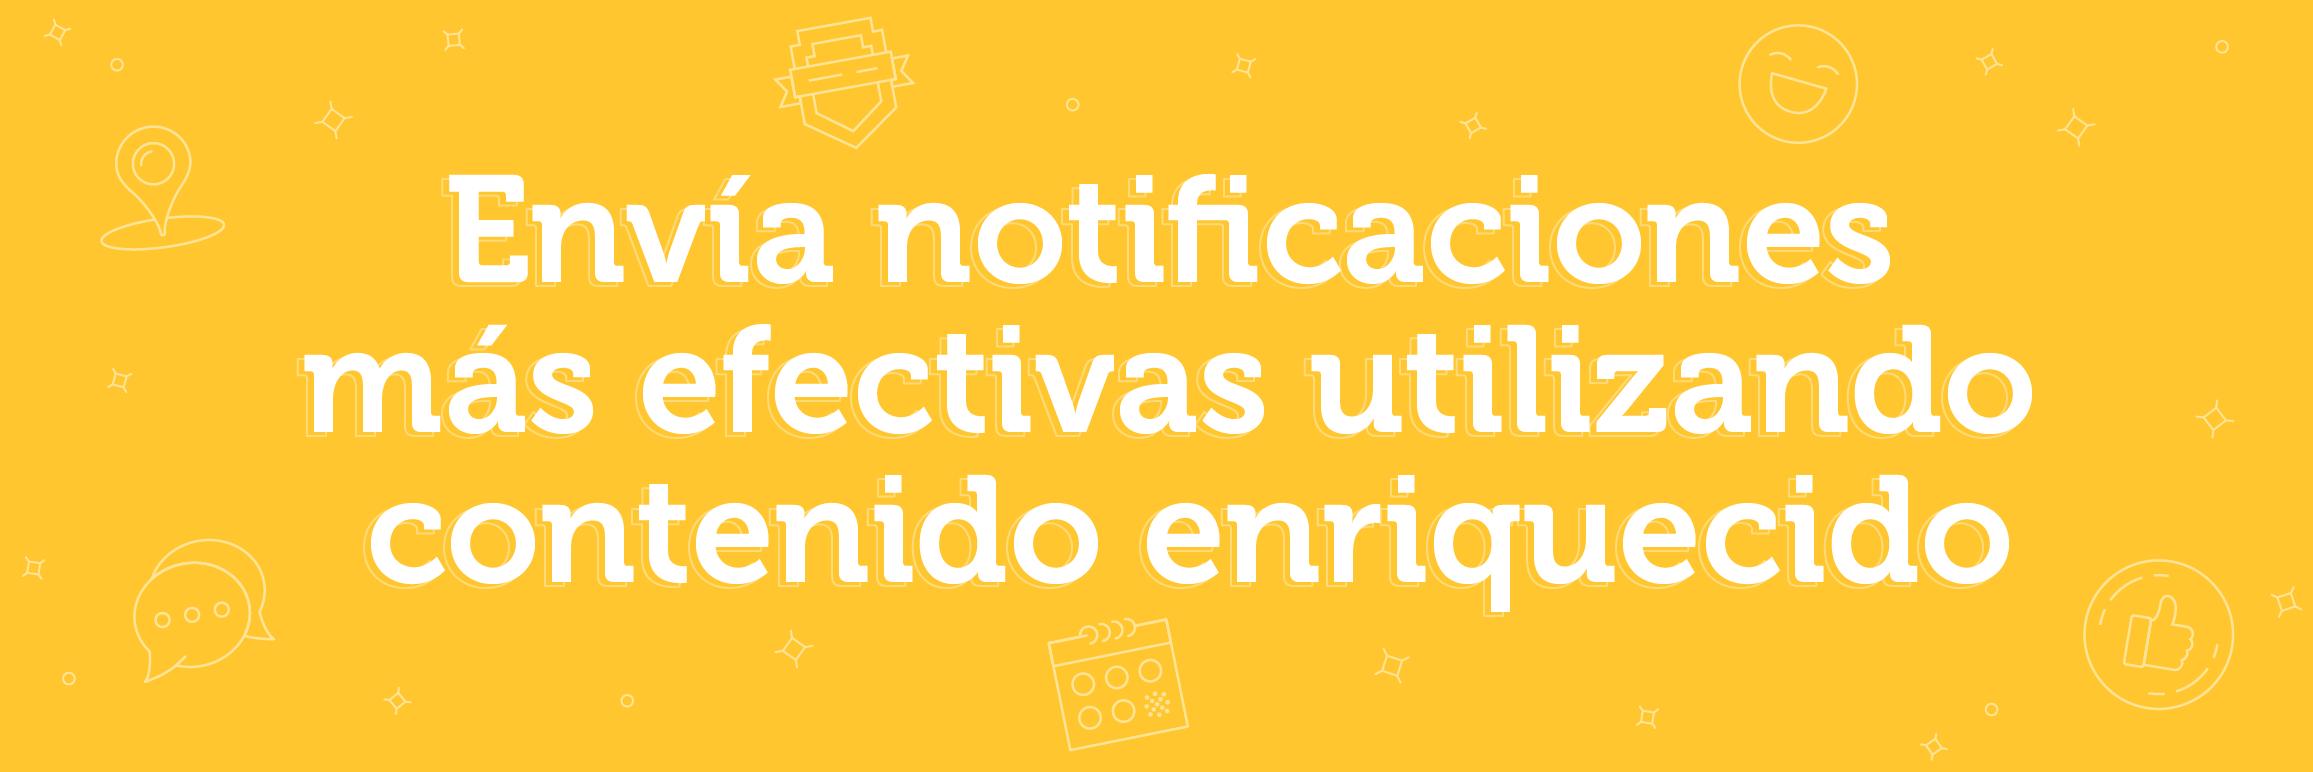 Envía Notificaciones más efectivas utilizando RCS y SMS Landing pages